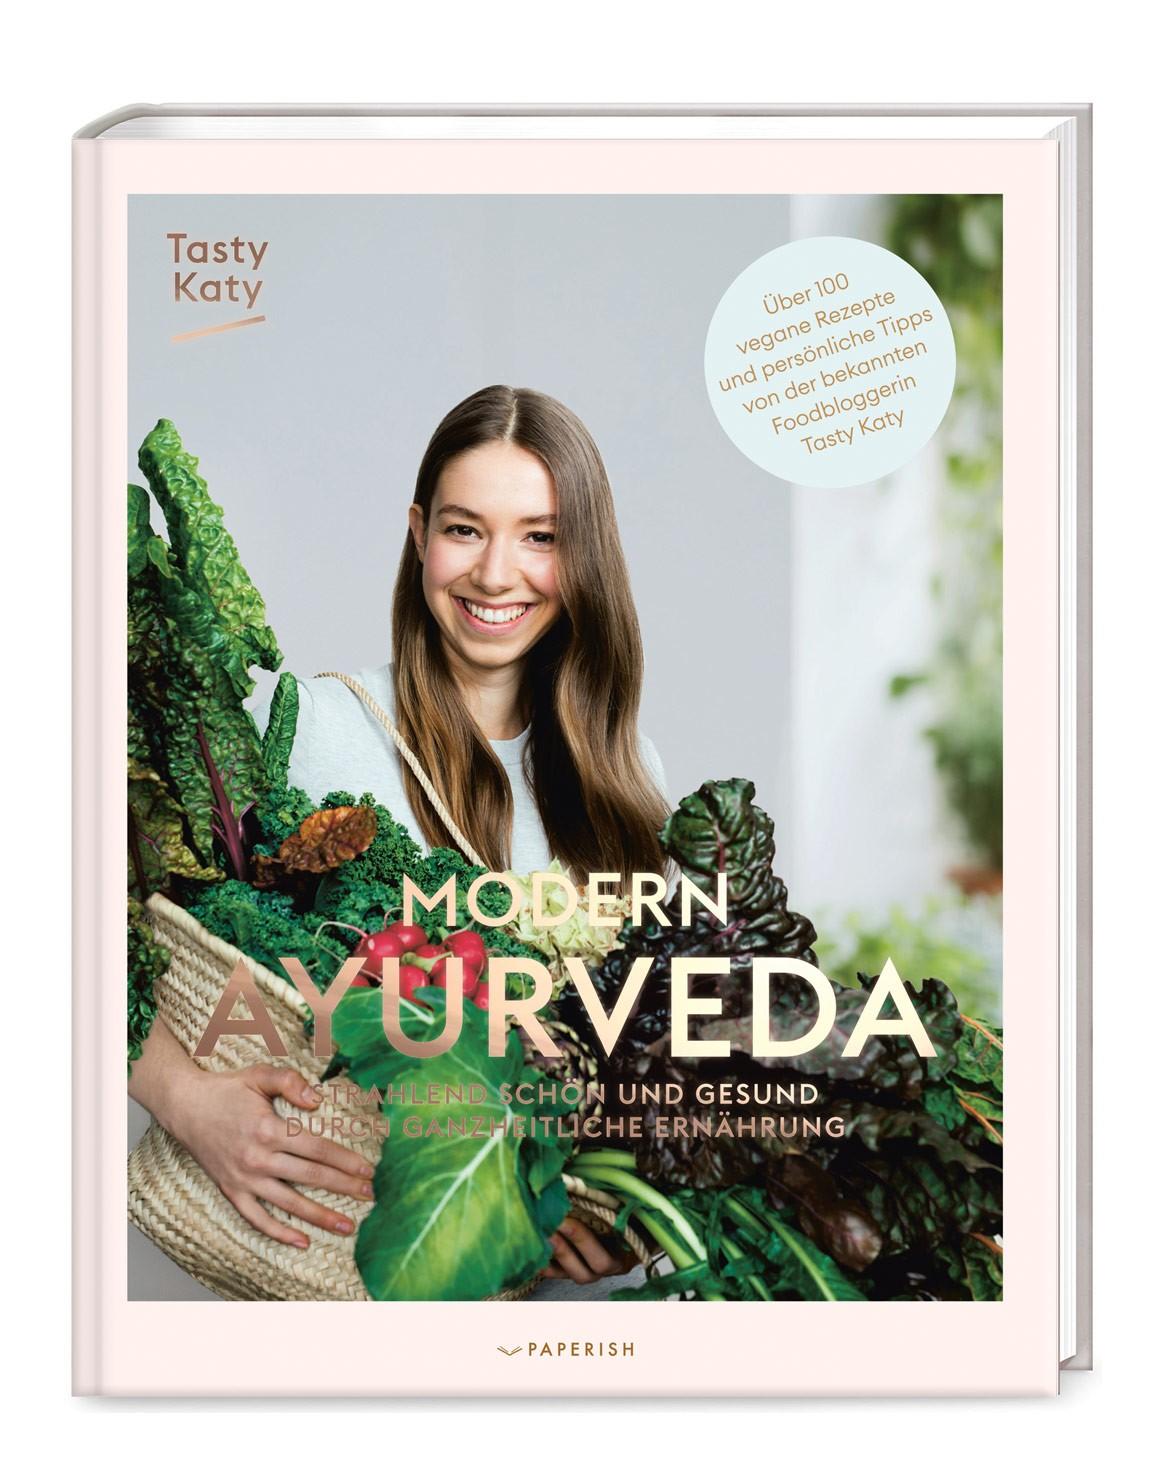 Modern Ayurveda Buch